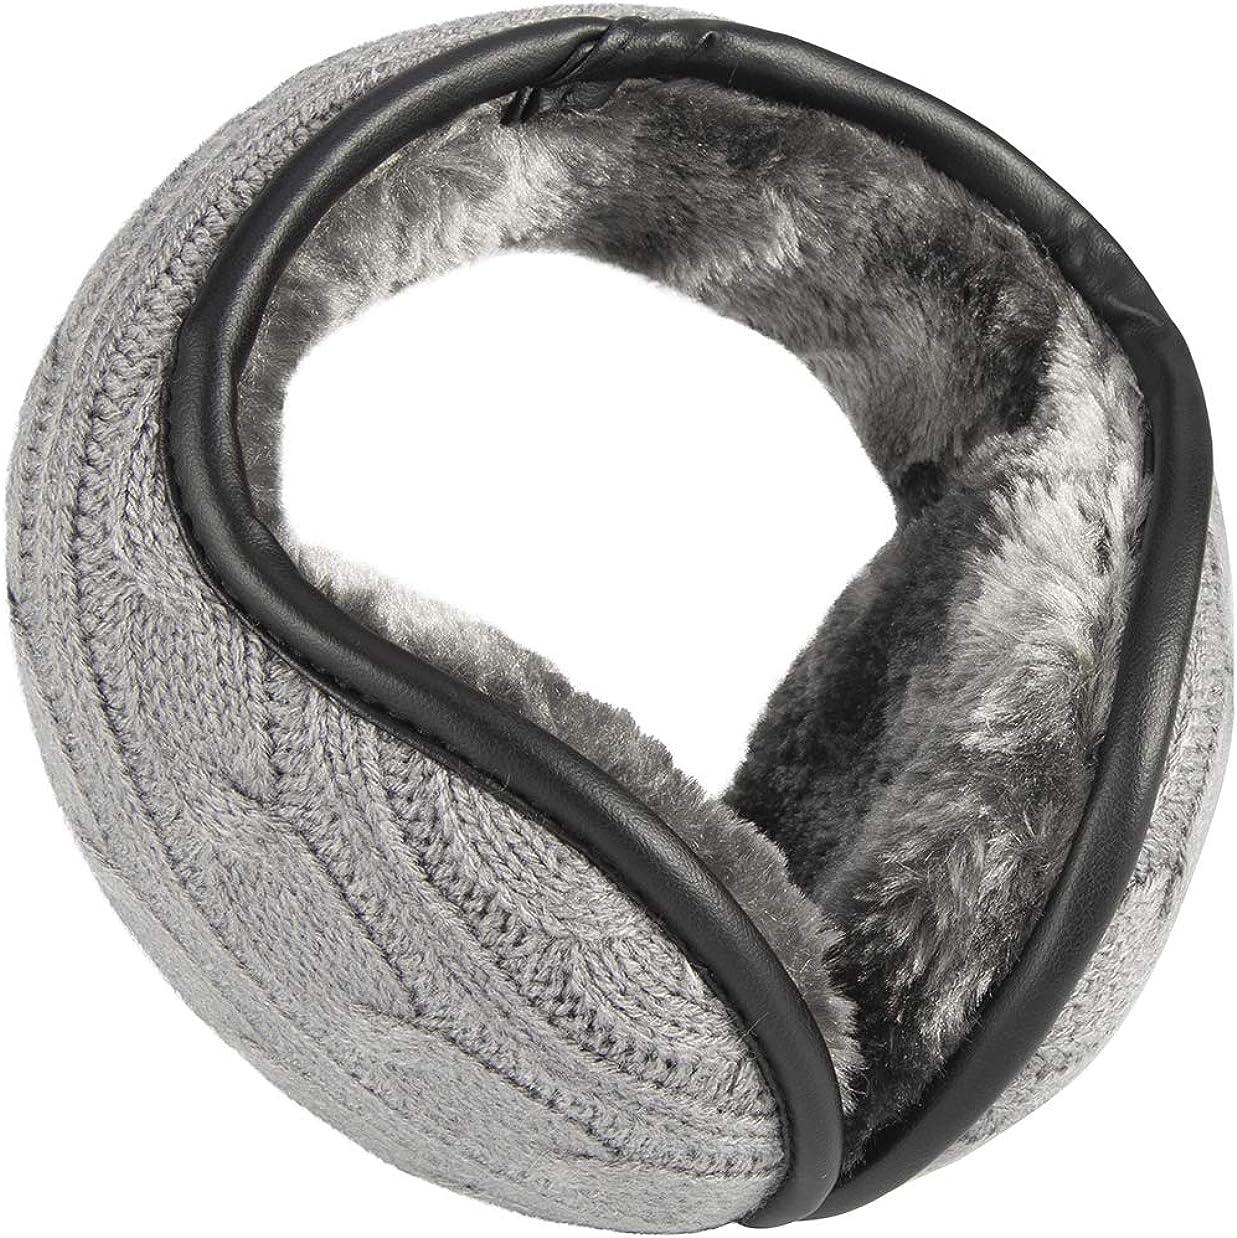 Winter Ear Muff, Unisex Earmuffs Behind The Head Ear Warmer Folding Ear Covers for Men Women